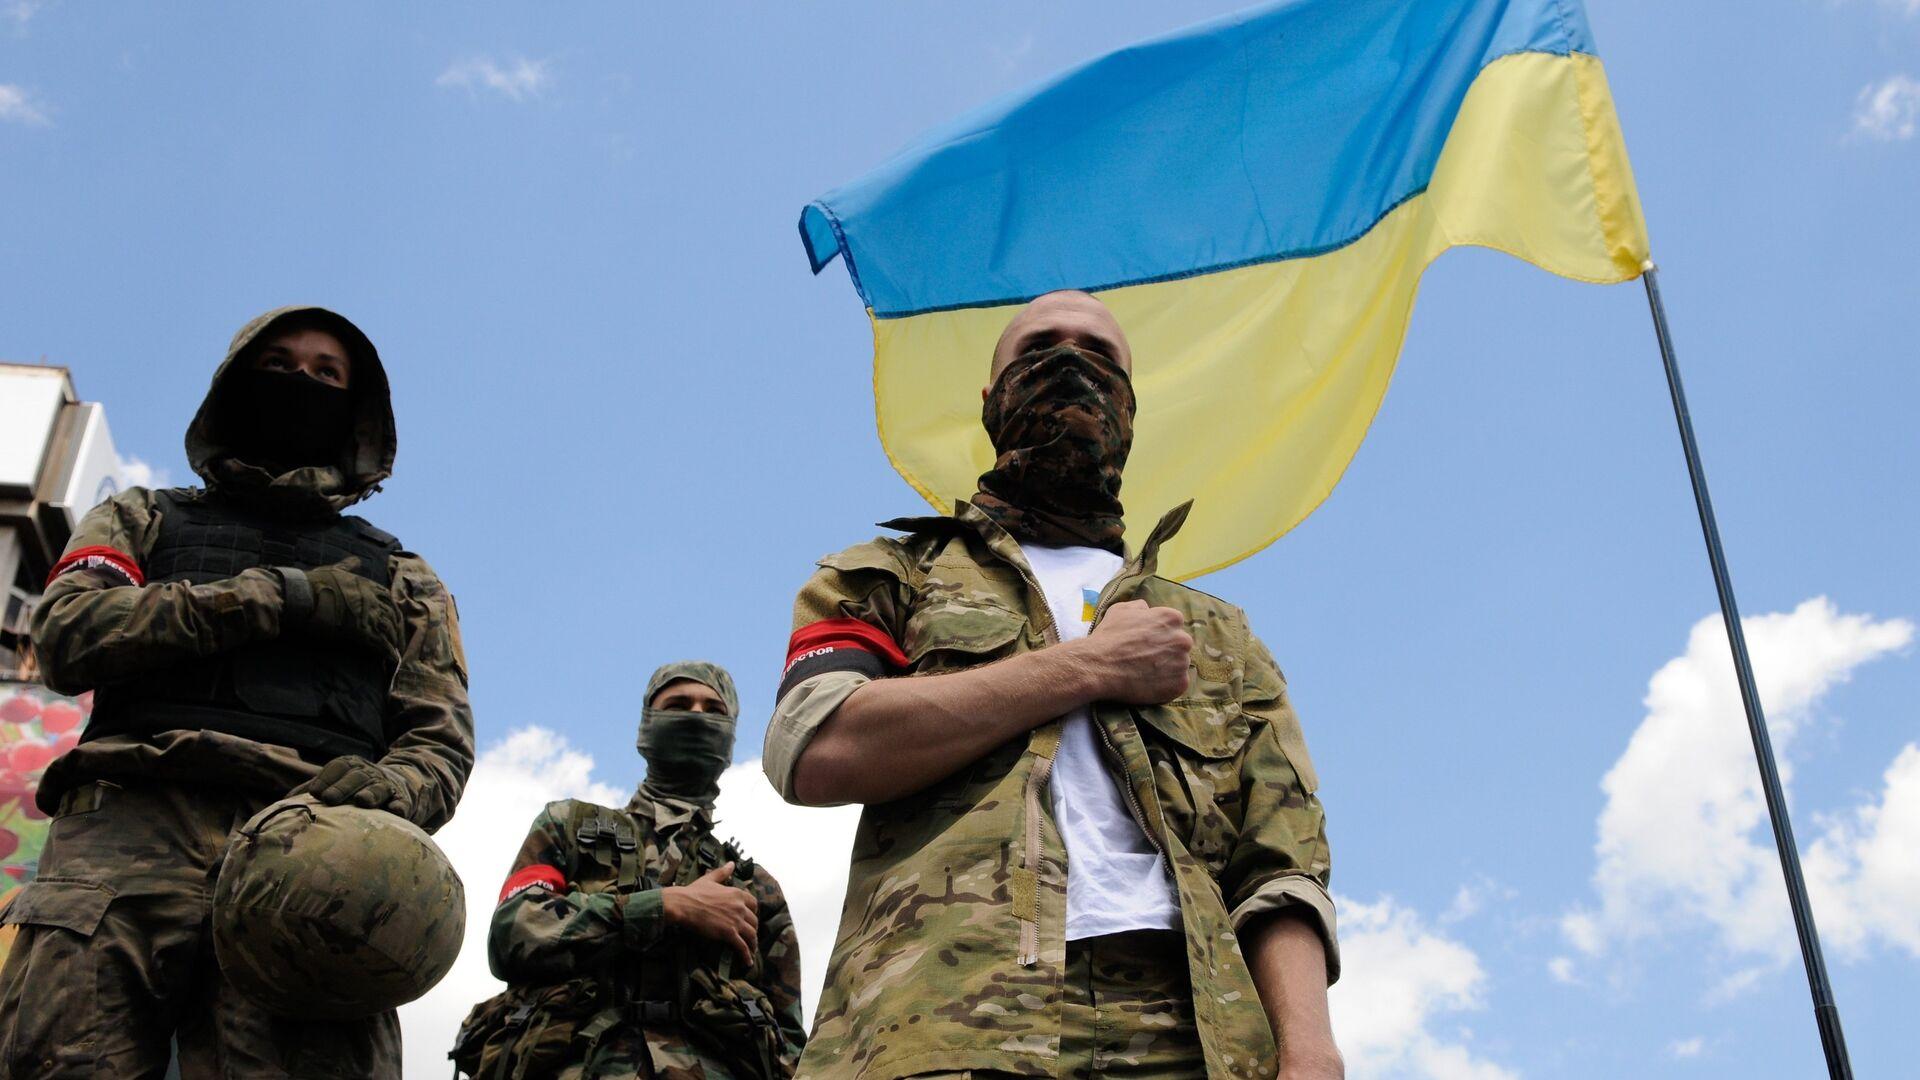 Украинские радикалы в Киеве - РИА Новости, 1920, 04.01.2021